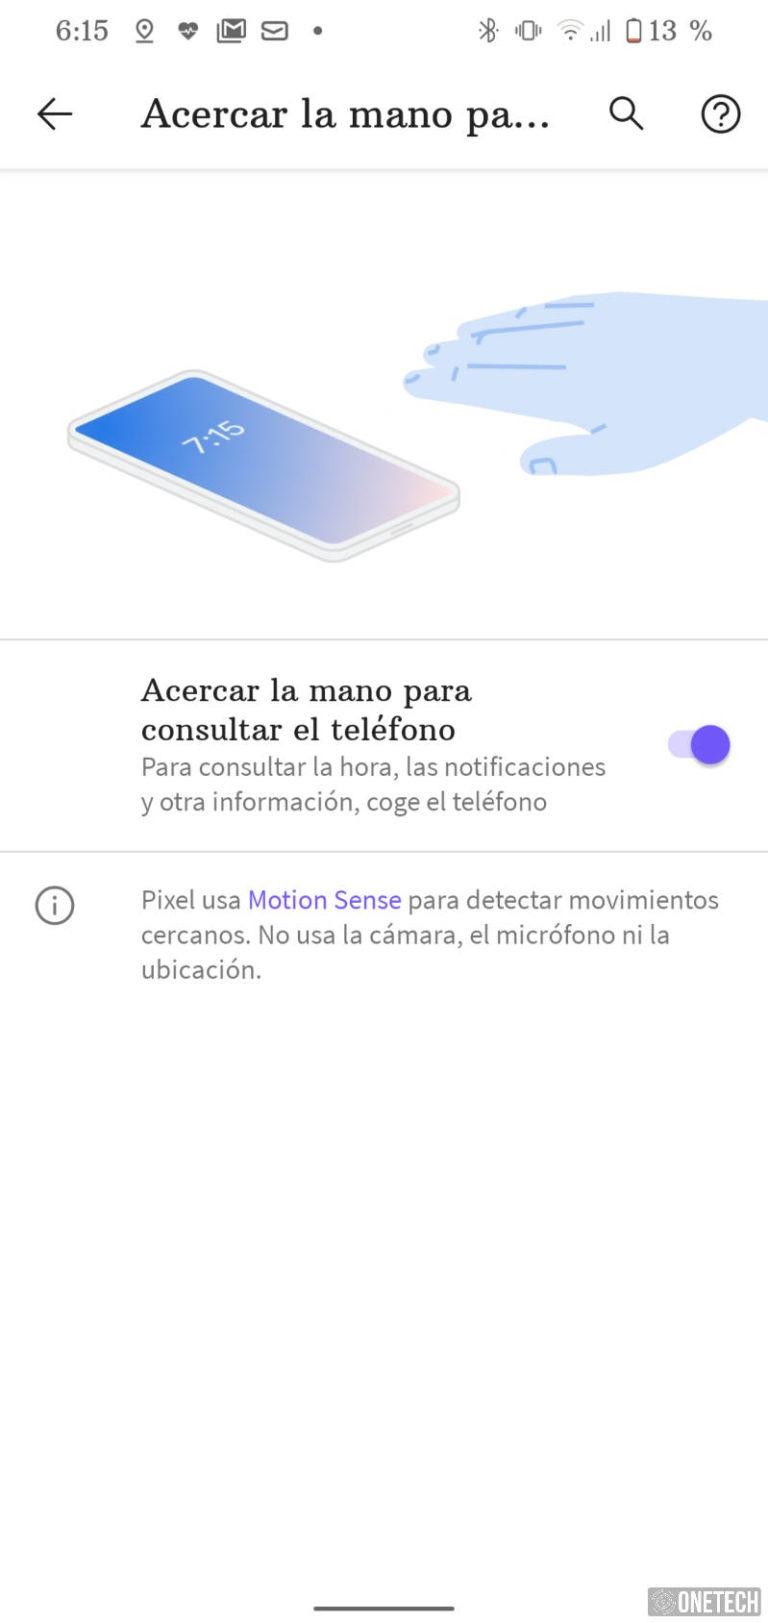 Google Pixel 4, el terminal que se controla sin tocar - Análisis 23